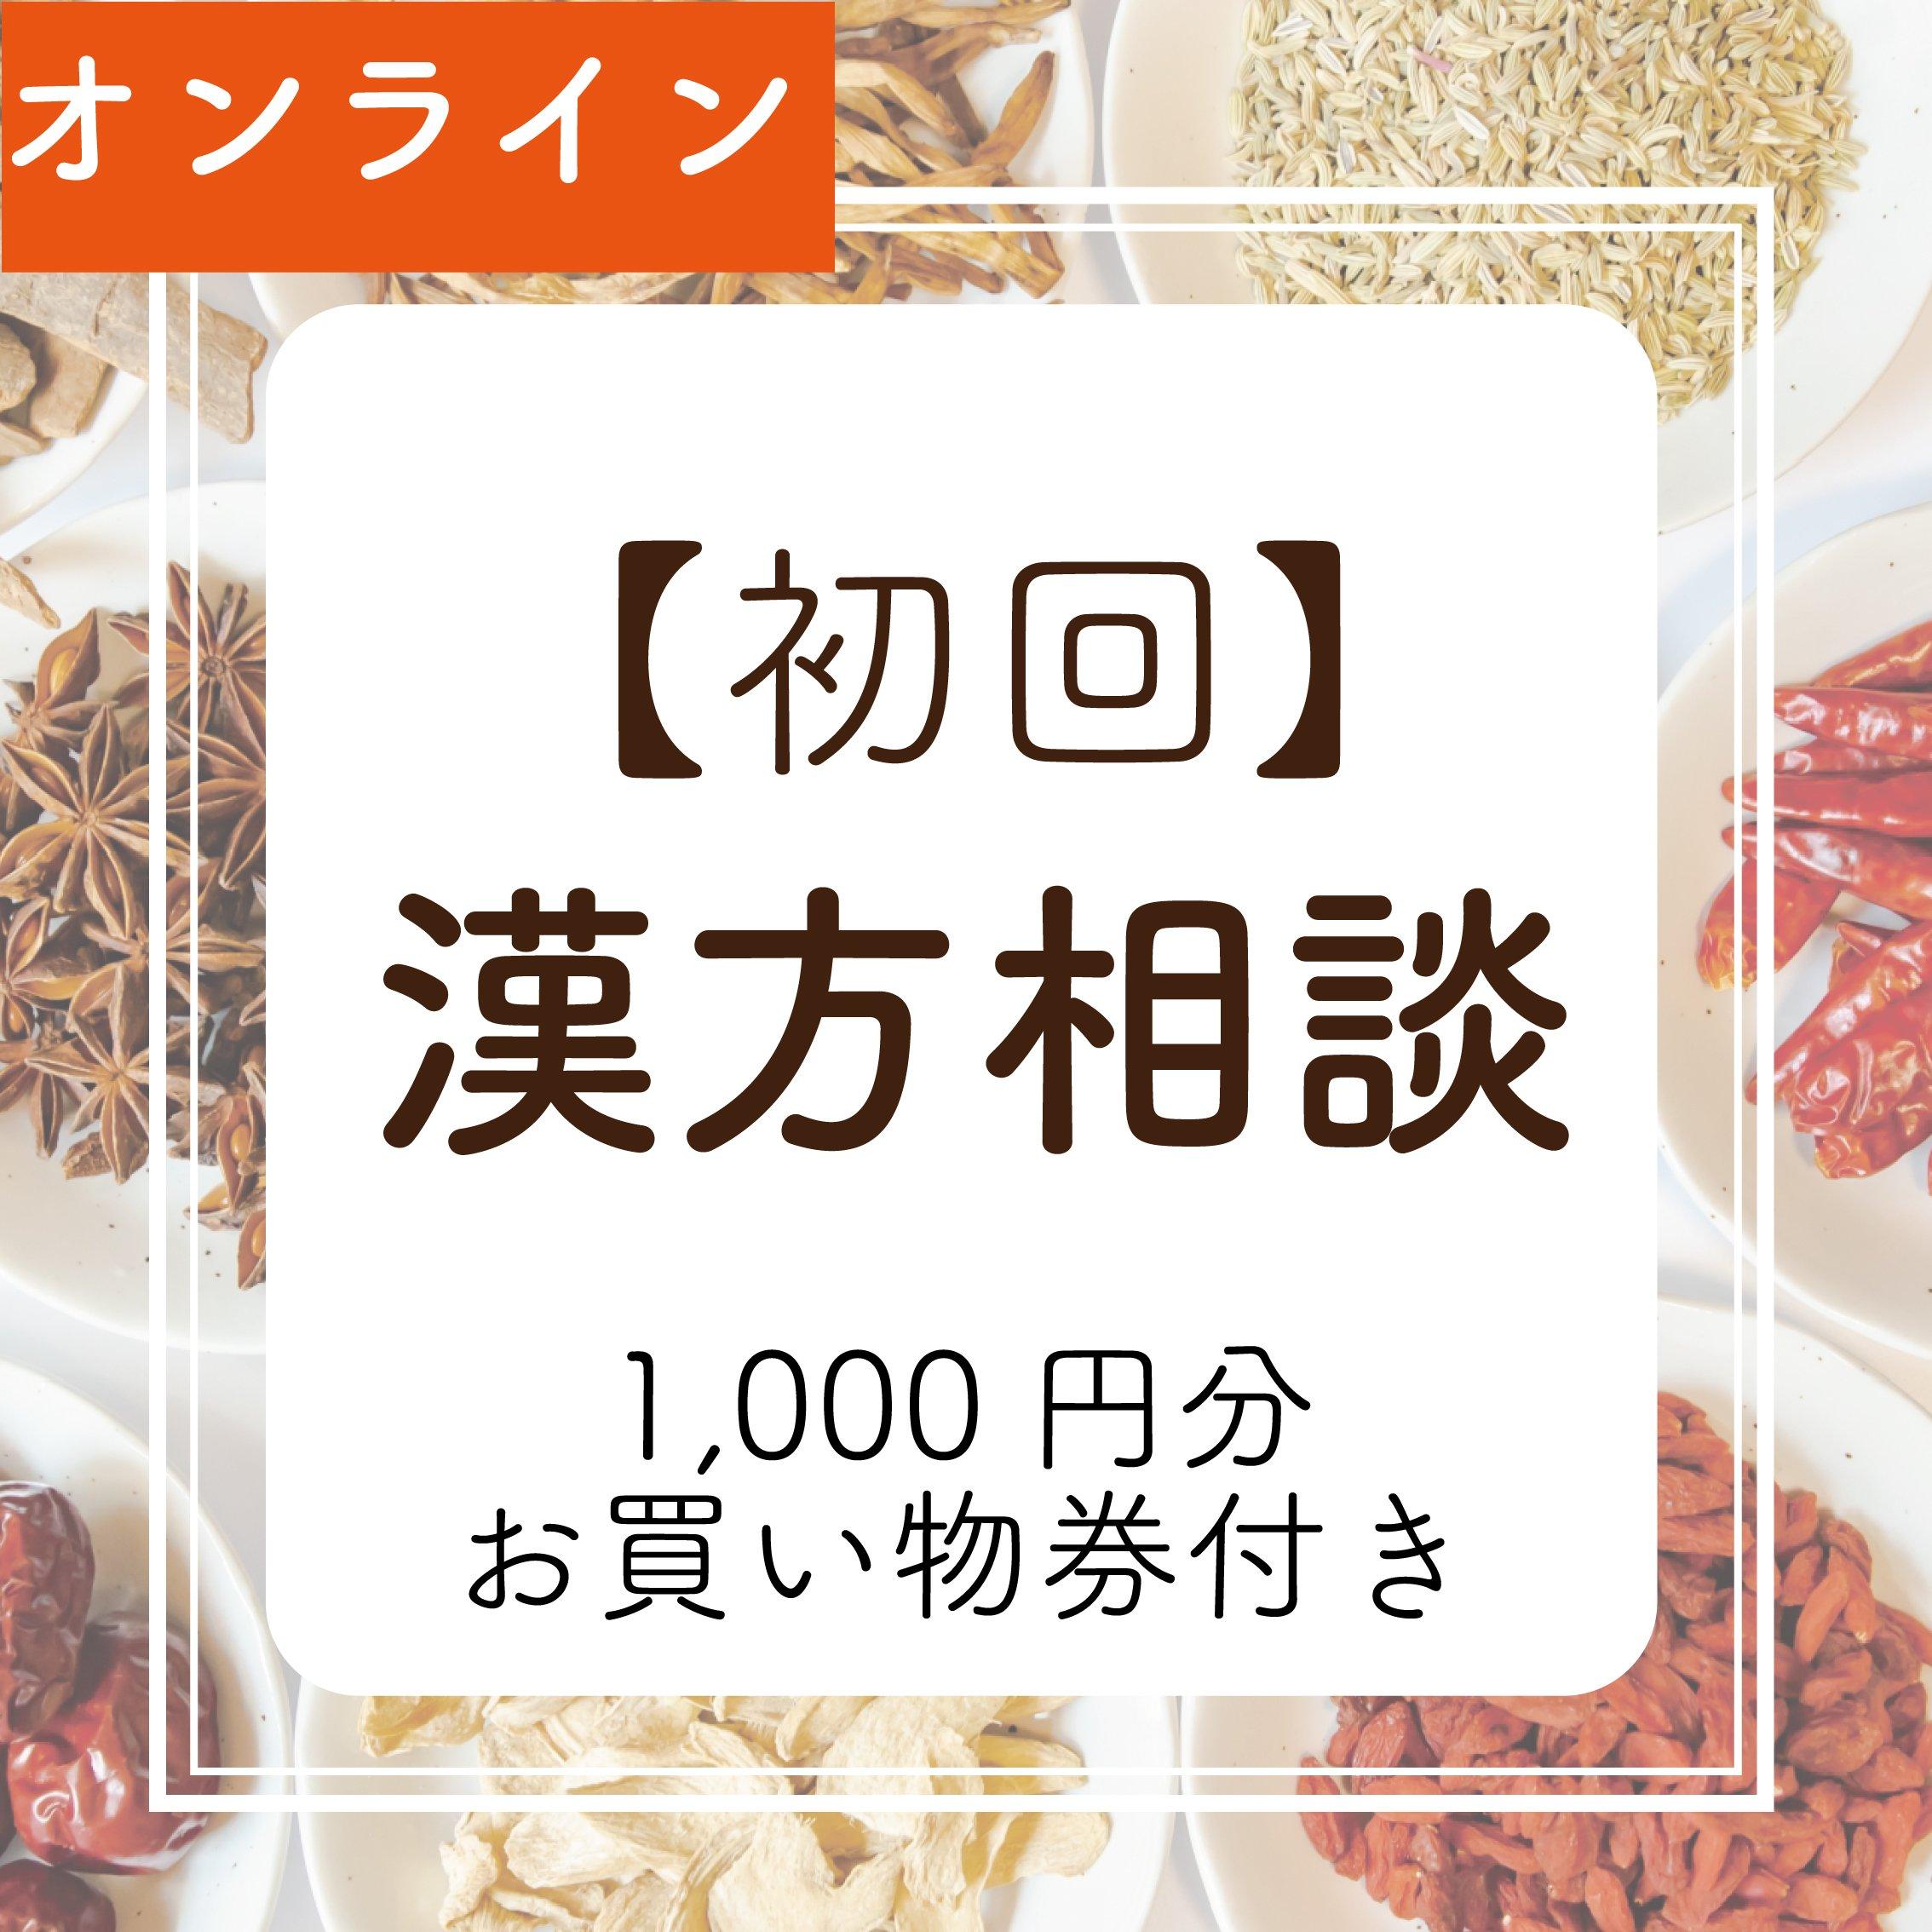 【初回オンライン】健康相談チケット30分:1000円分のお買い物券付き!のイメージその1